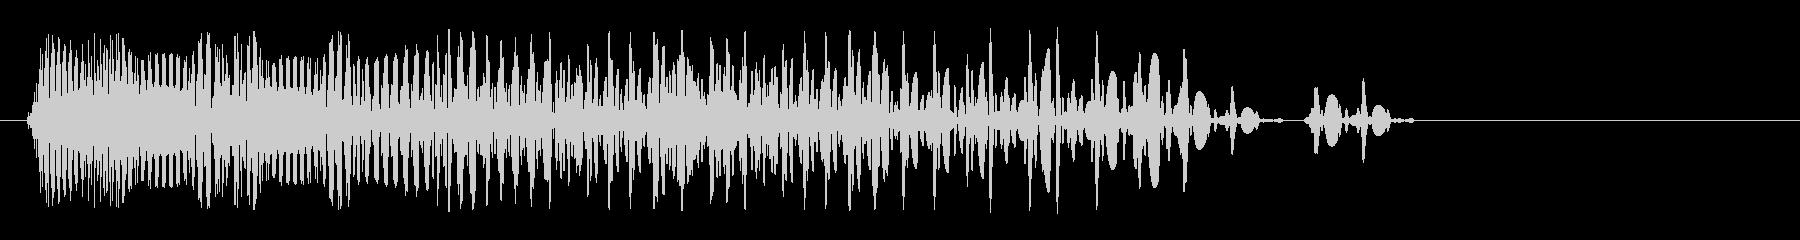 強い響きの急に止まる音の未再生の波形